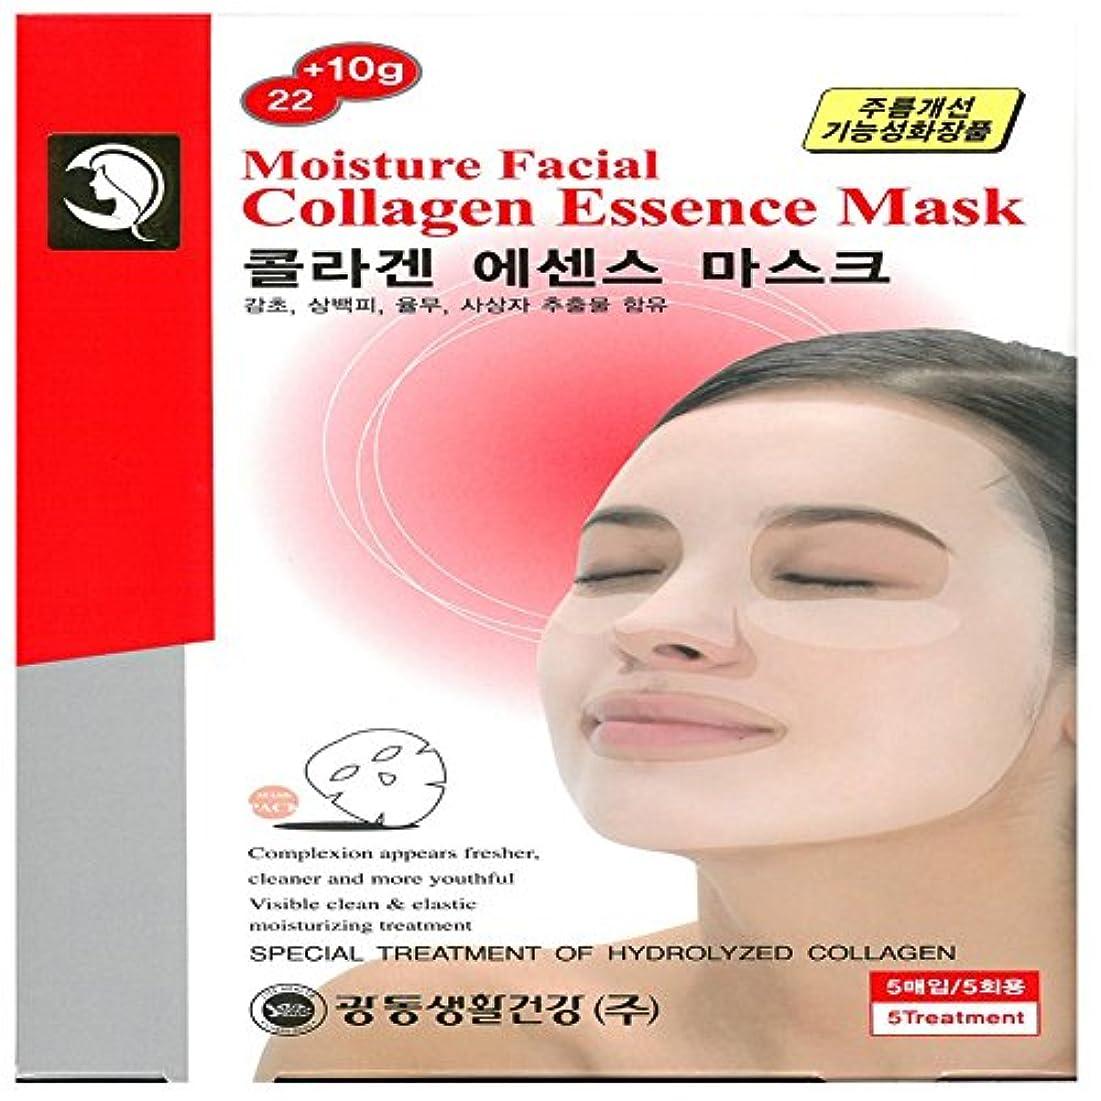 ディスコ負荷リンク[光東] kwangdong モイスチャーフェイシャルコラーゲンエッセンスマスク Moisture Facial Collagen Essence Mask 32gX5ea (海外直送品) [並行輸入品]